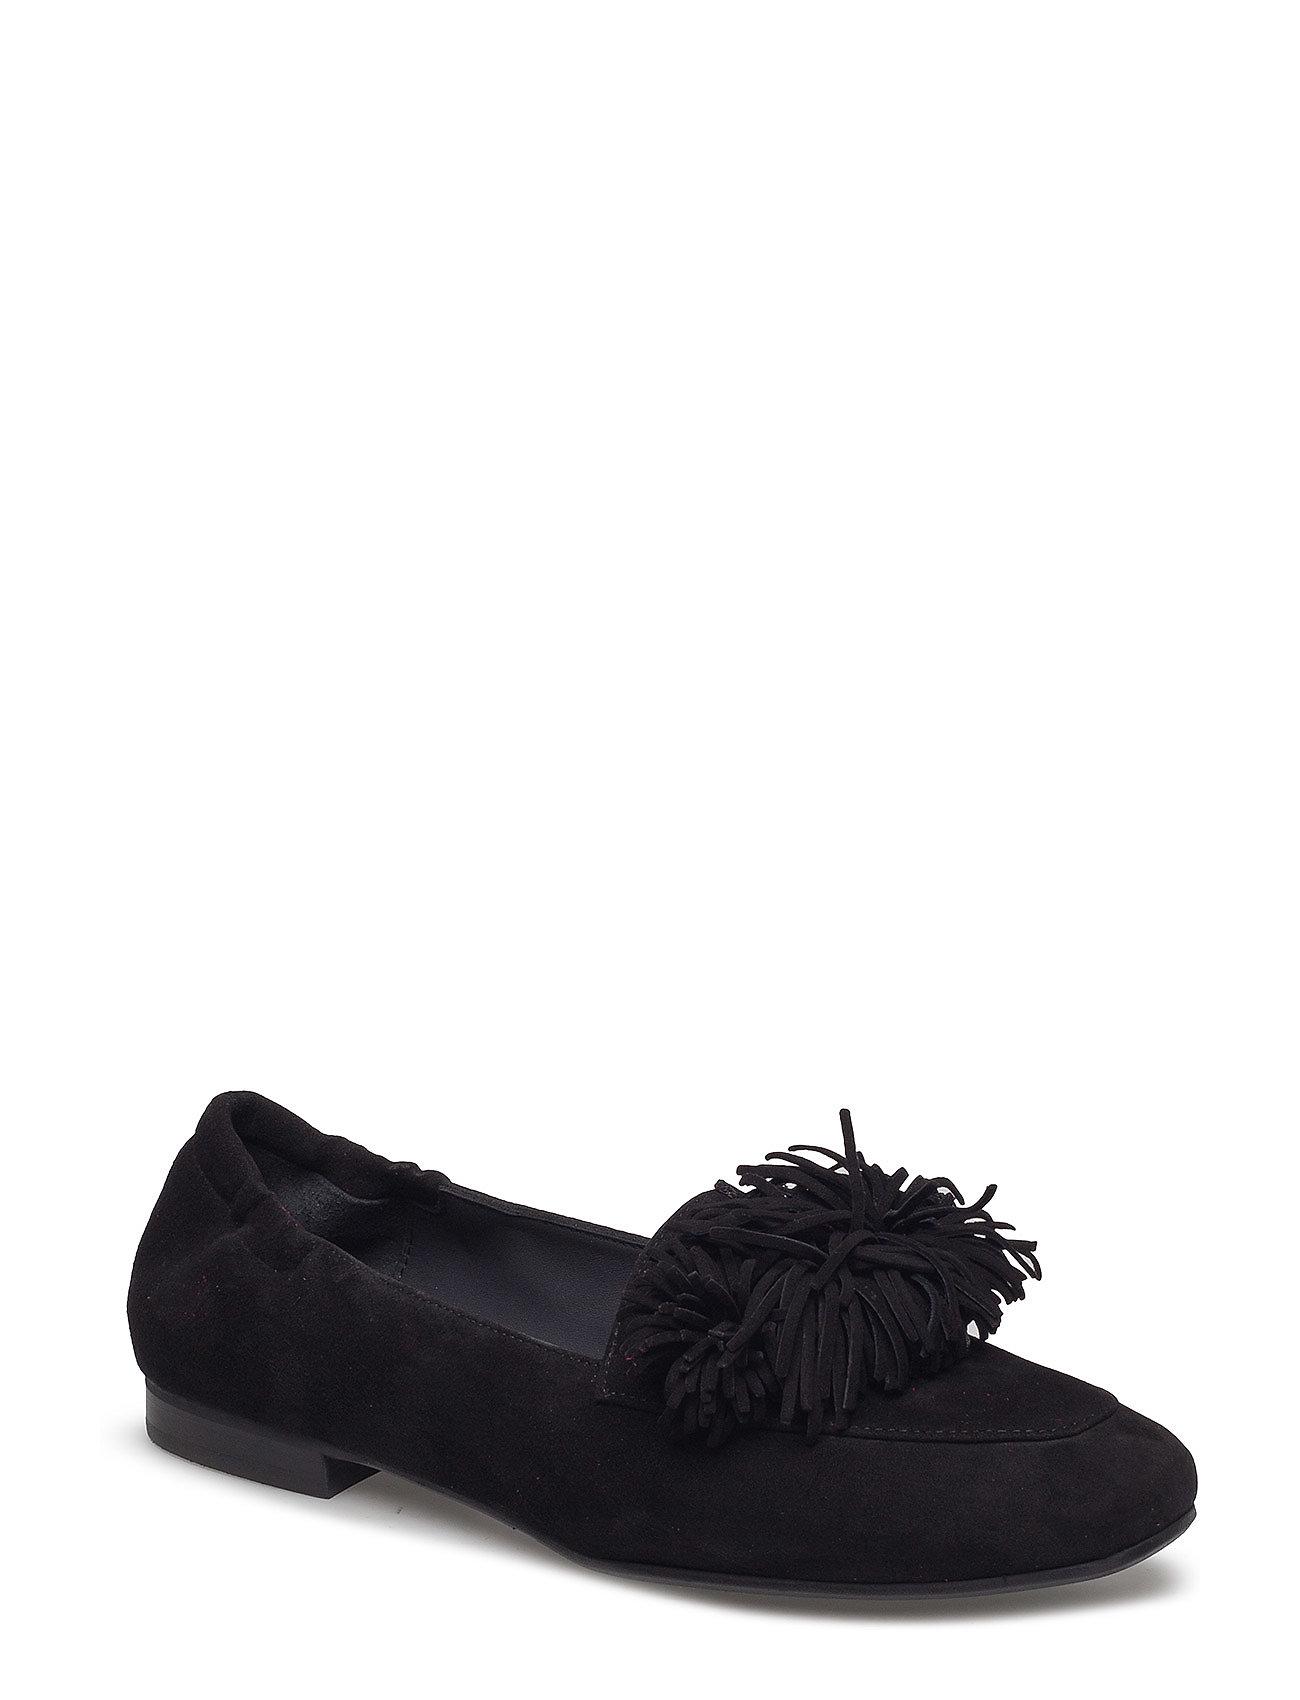 billi bi shoes black suede 50 g nstig schnell einkaufen. Black Bedroom Furniture Sets. Home Design Ideas